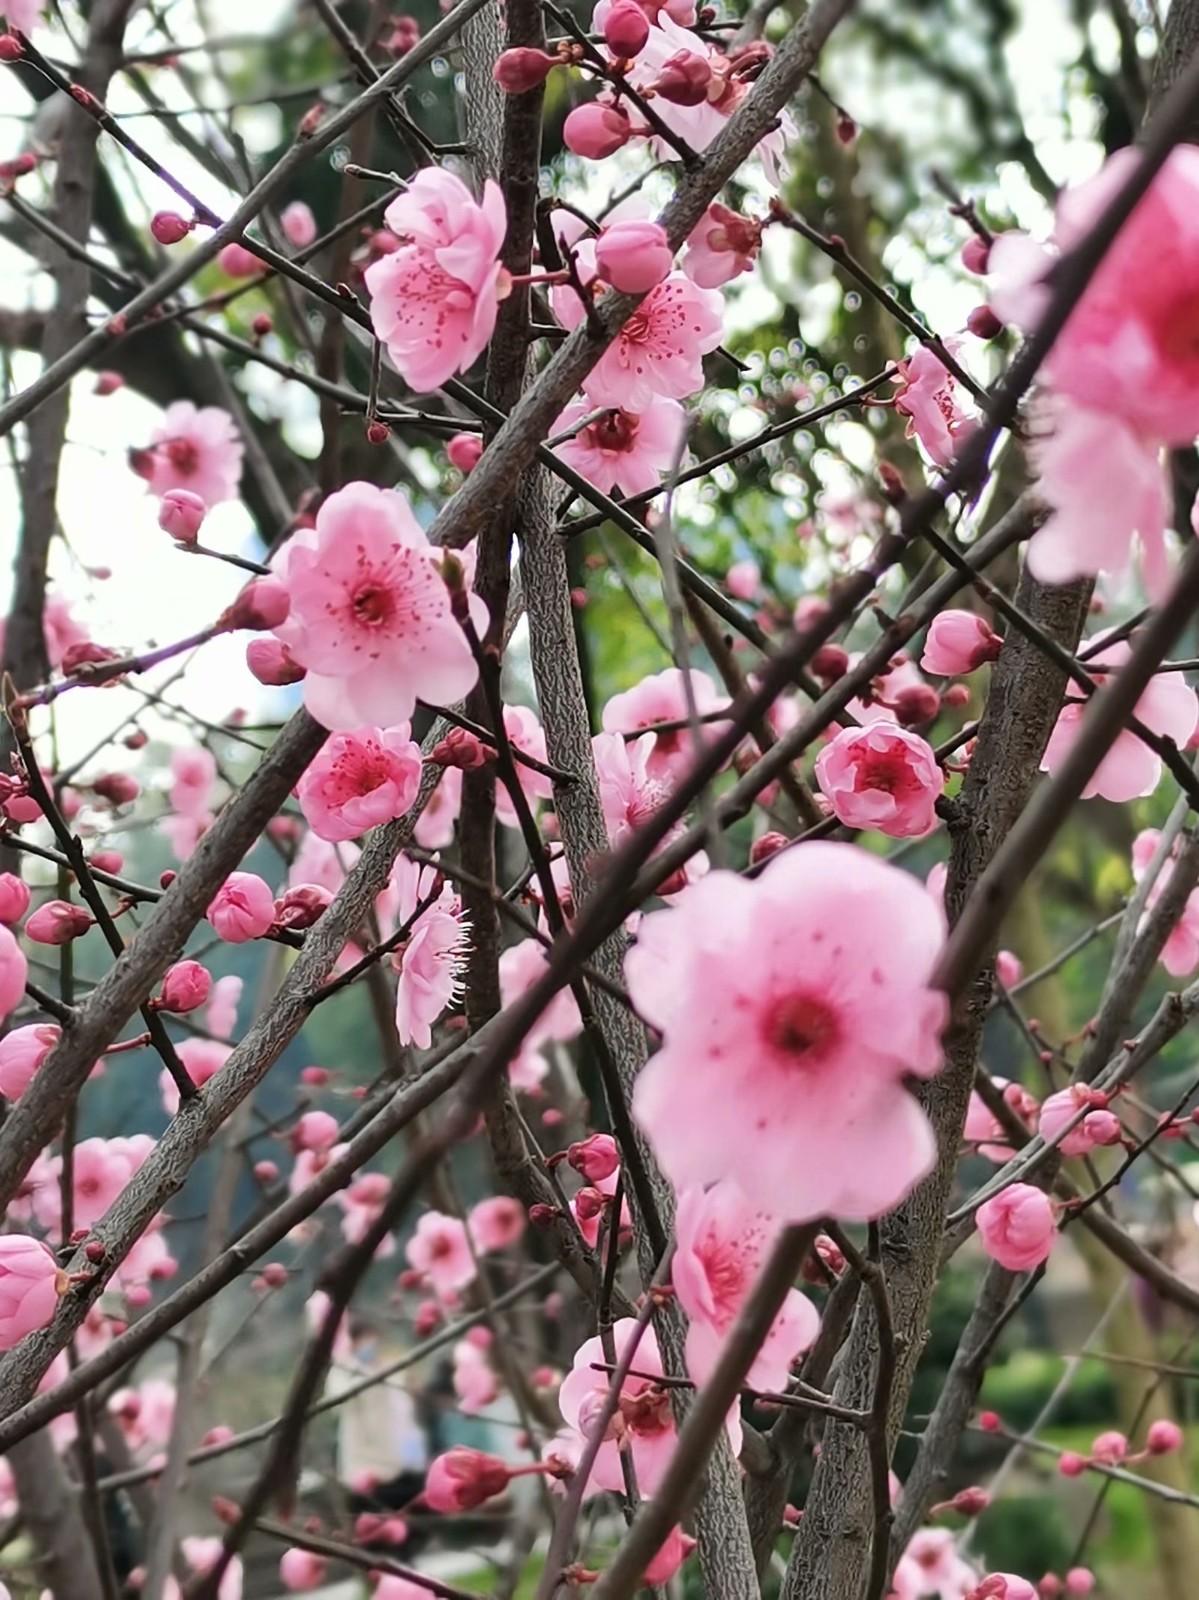 正月初六桃花开,蜜蜂闻讯采蜜来_图1-4